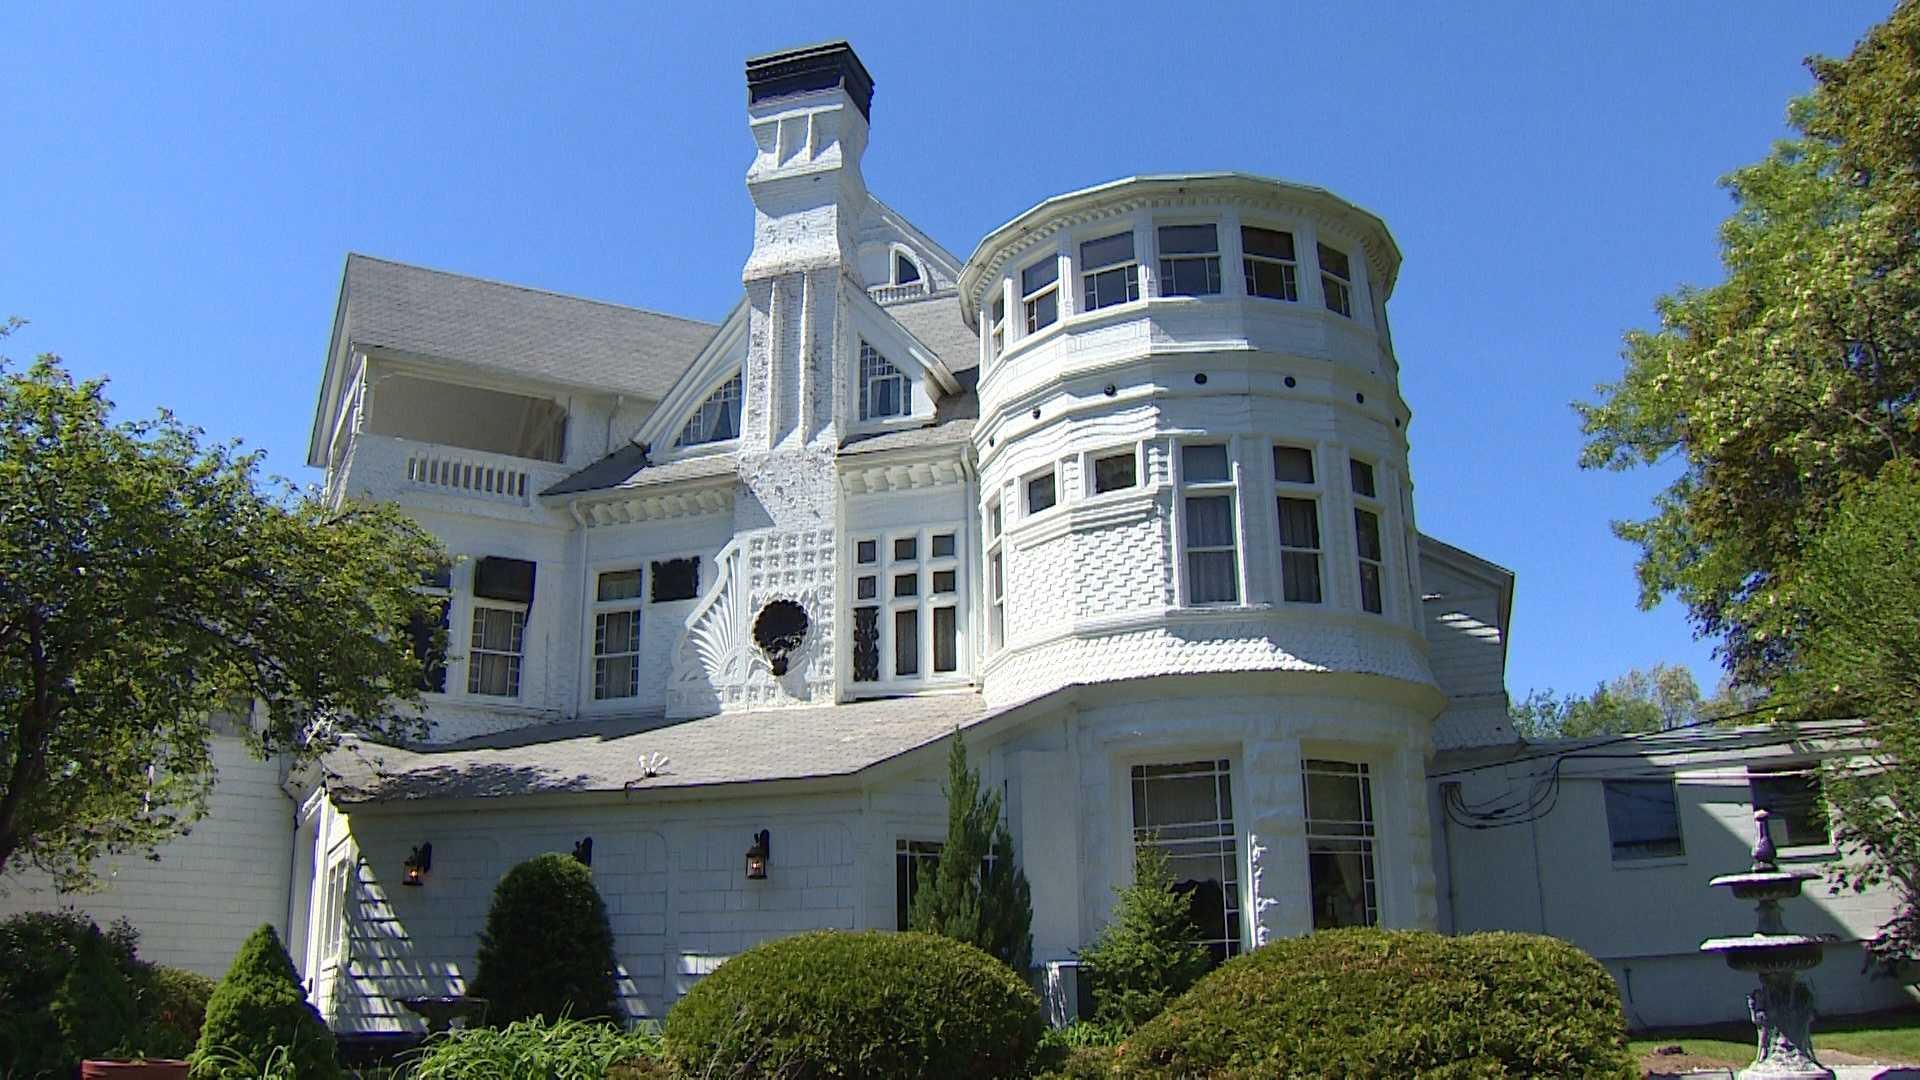 Thursday, June 12: New England for Sale